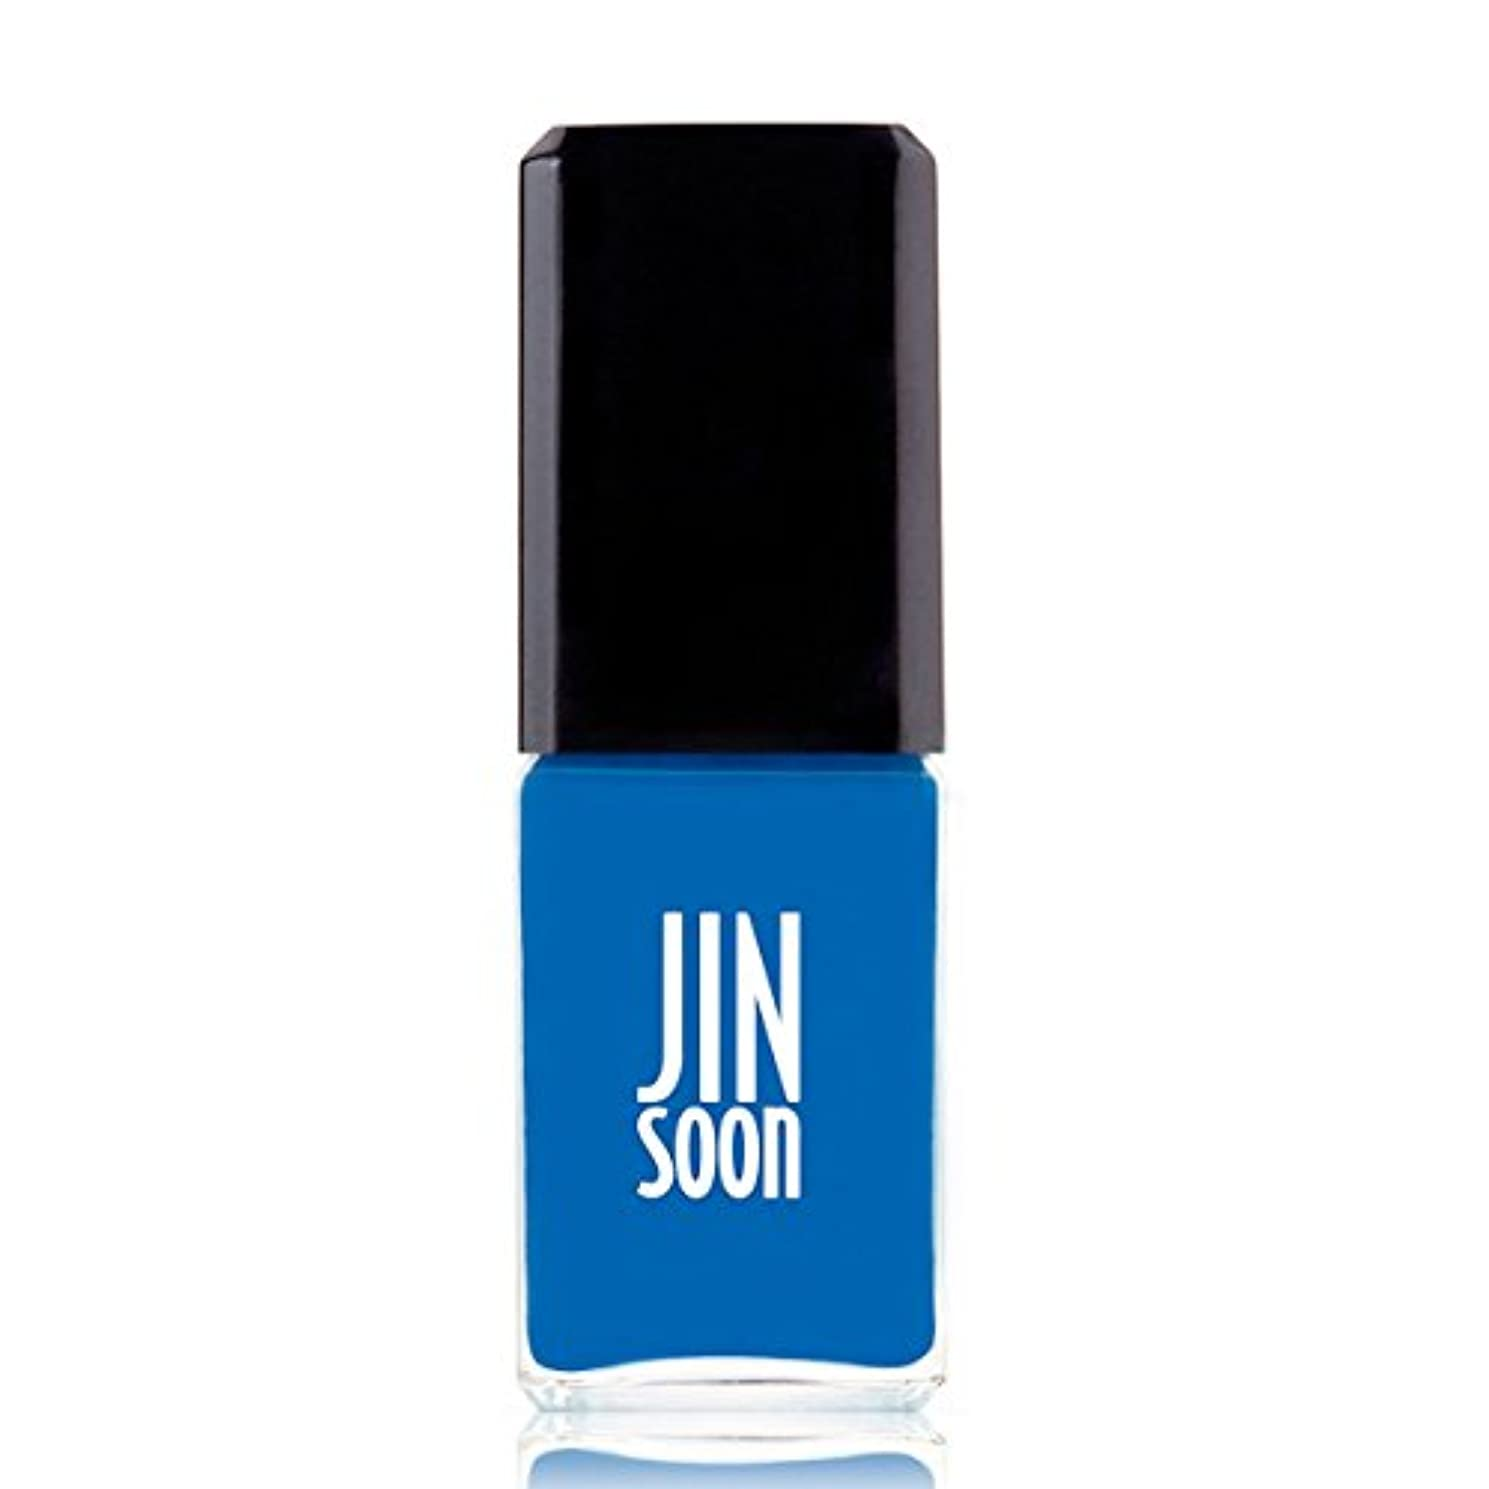 スローステンレスマイナス[ジンスーン] [ jinsoon] クールブルー (セルリアンブルー)COOL BLUE ジンスーン 5フリー ネイルポリッシュ【ブルー】 11mL